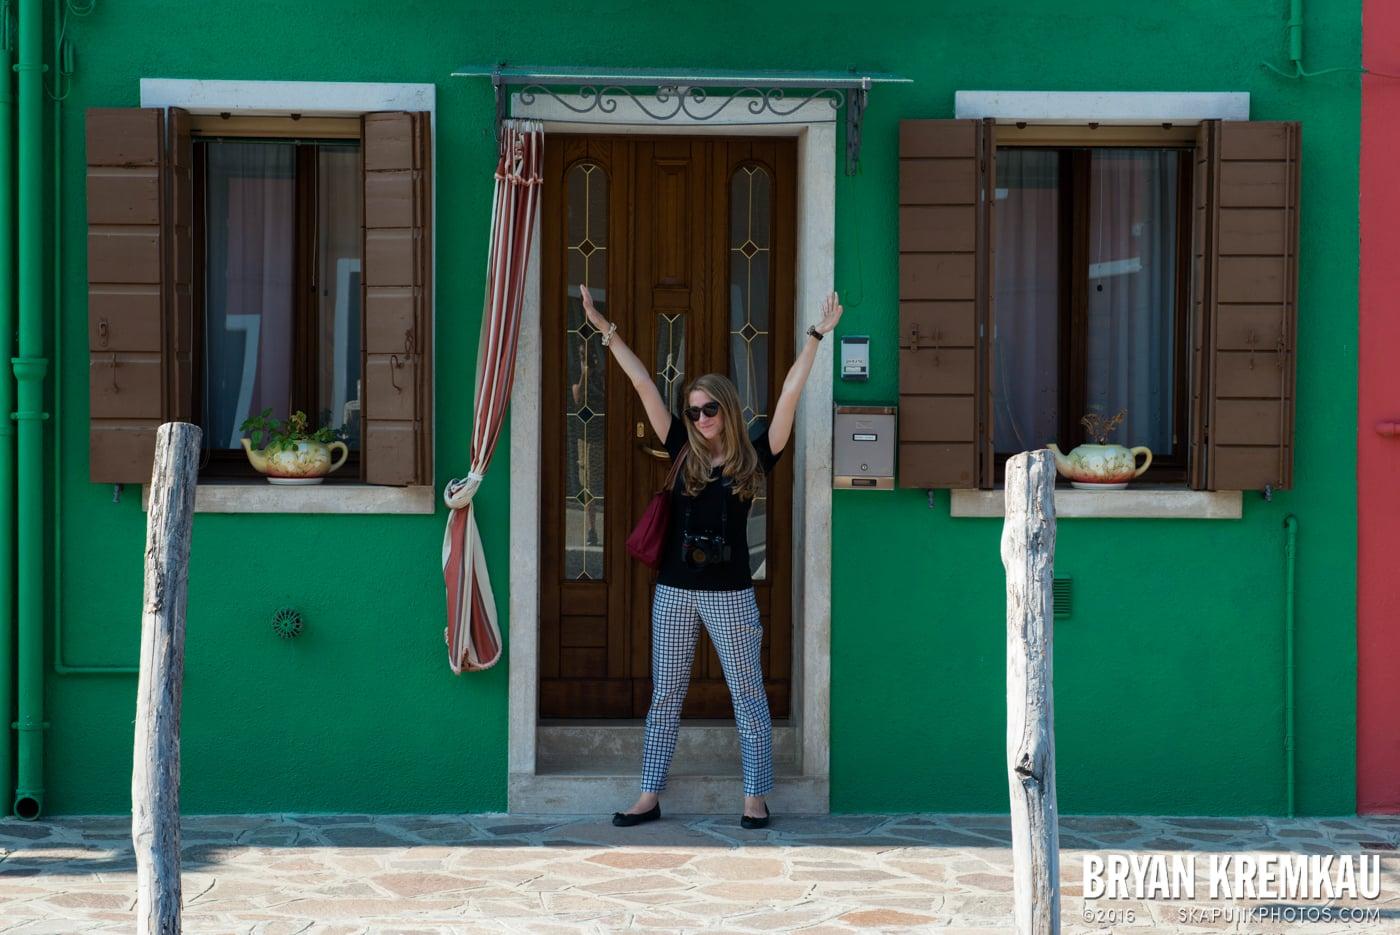 Italy Vacation - Day 6: Murano, Burano, Venice - 9.14.13 (25)